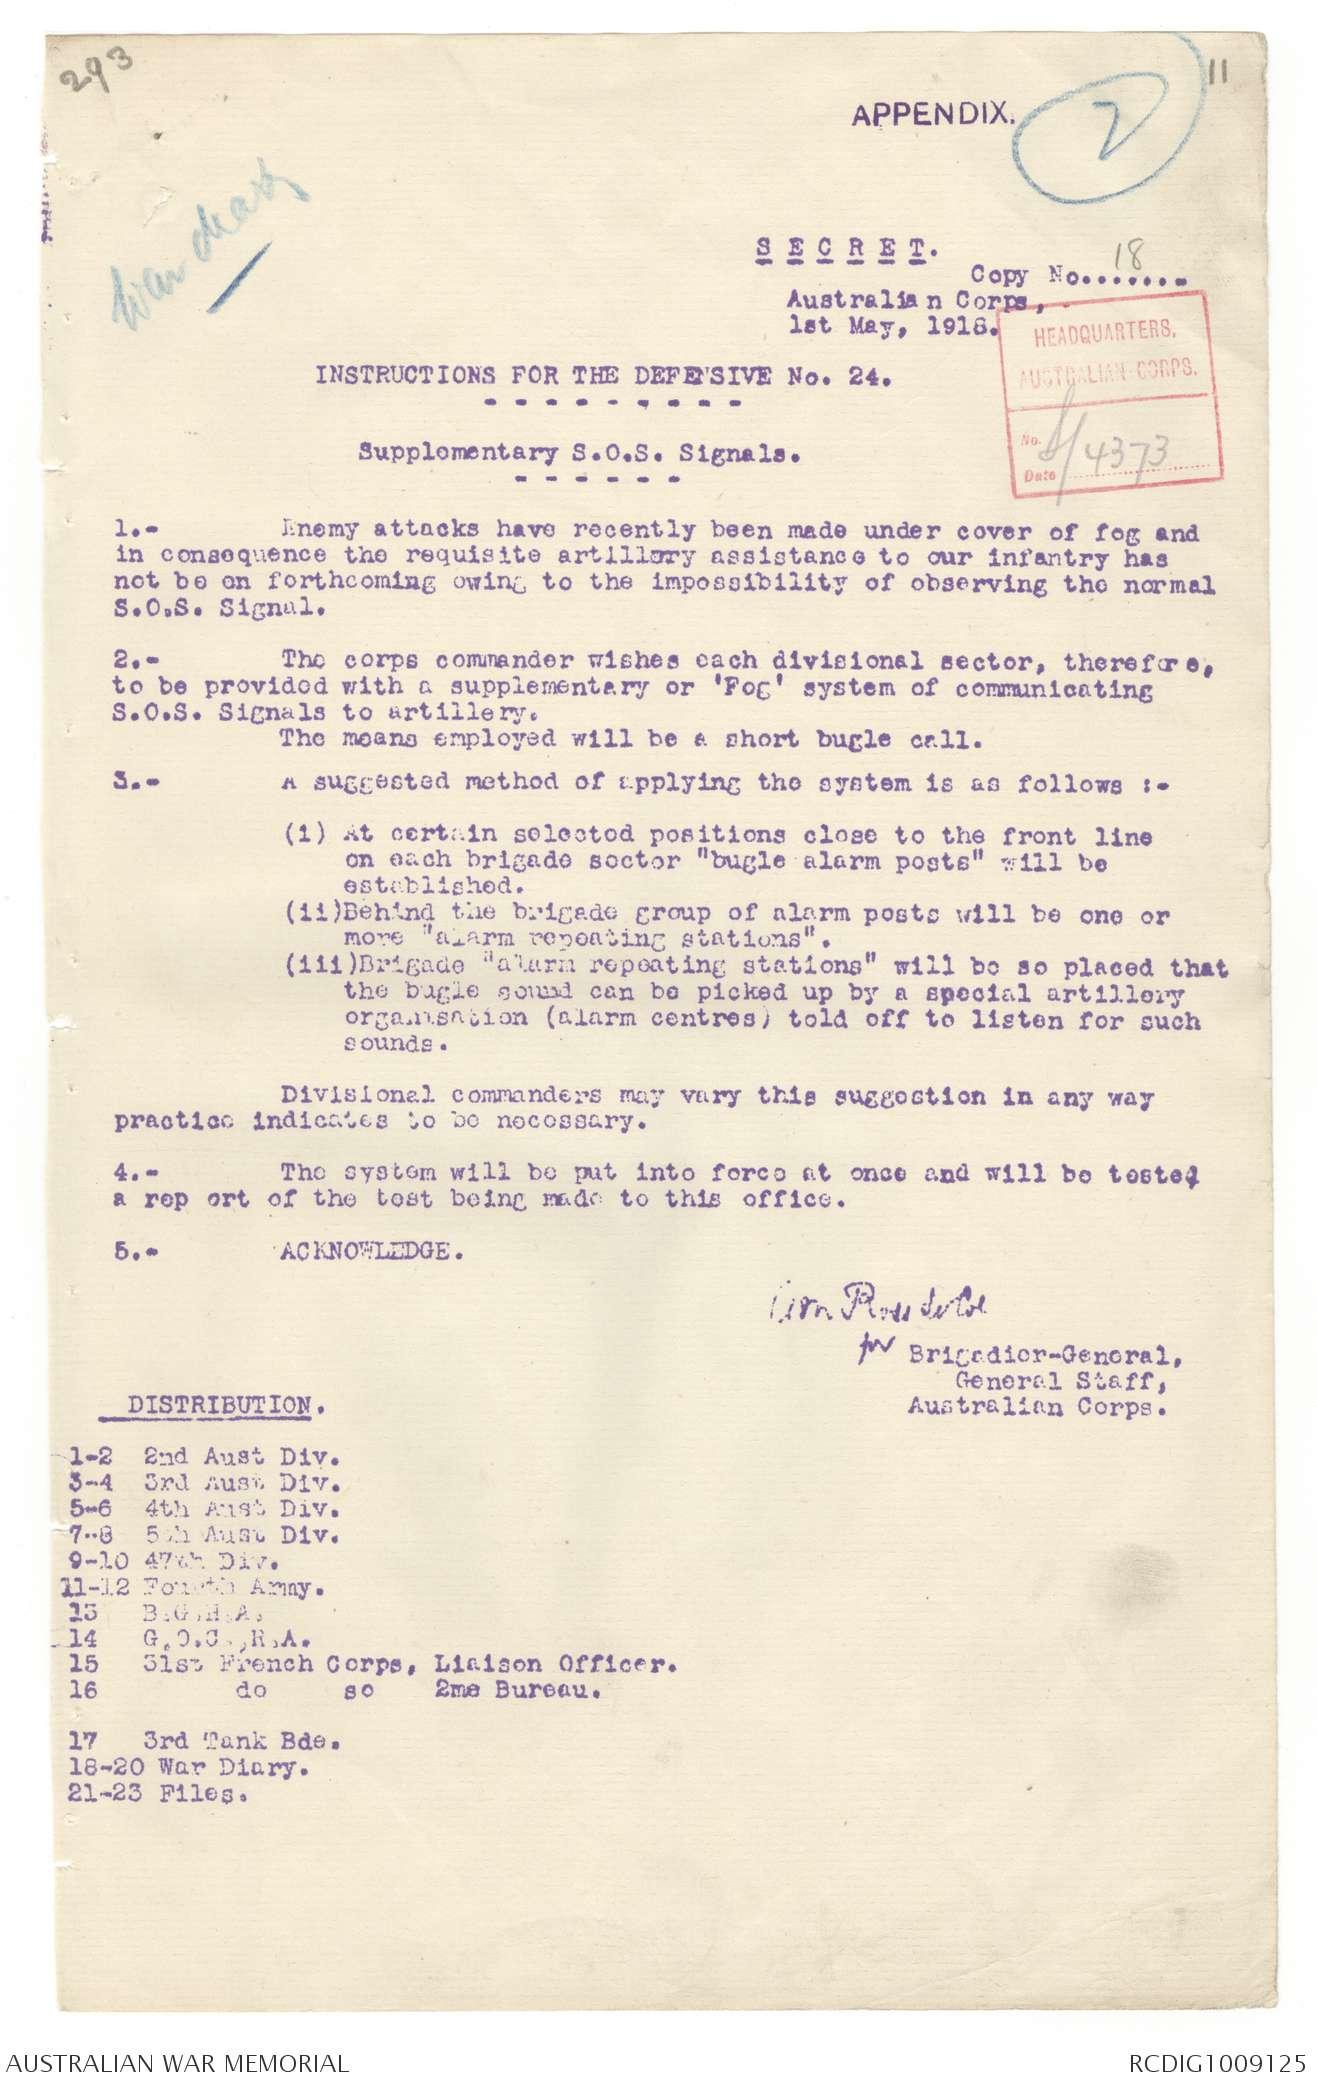 AWM4 1/35/5 PART 1 - May 1918 | The Australian War Memorial